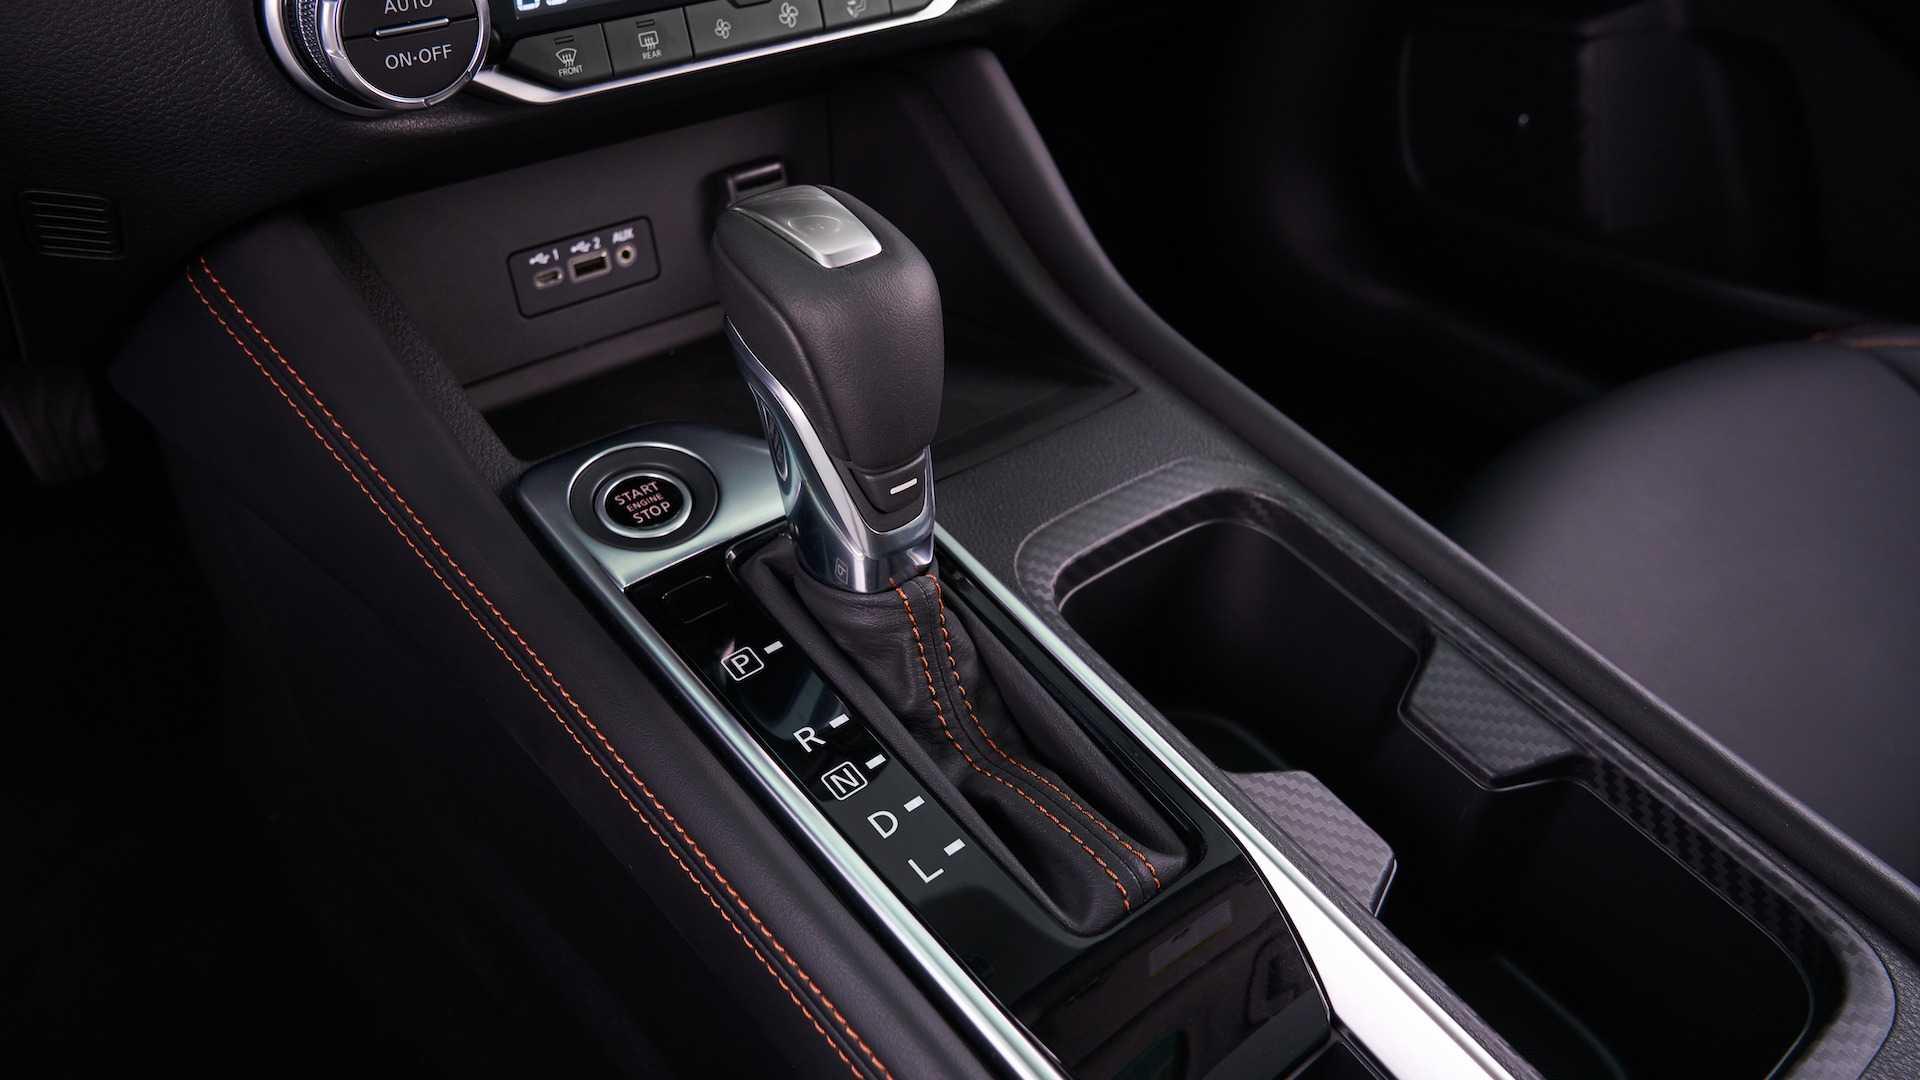 Nissan Sentra thế hệ mới đối đầu trực tiếp với Honda Civic hay Mazda3 - 20